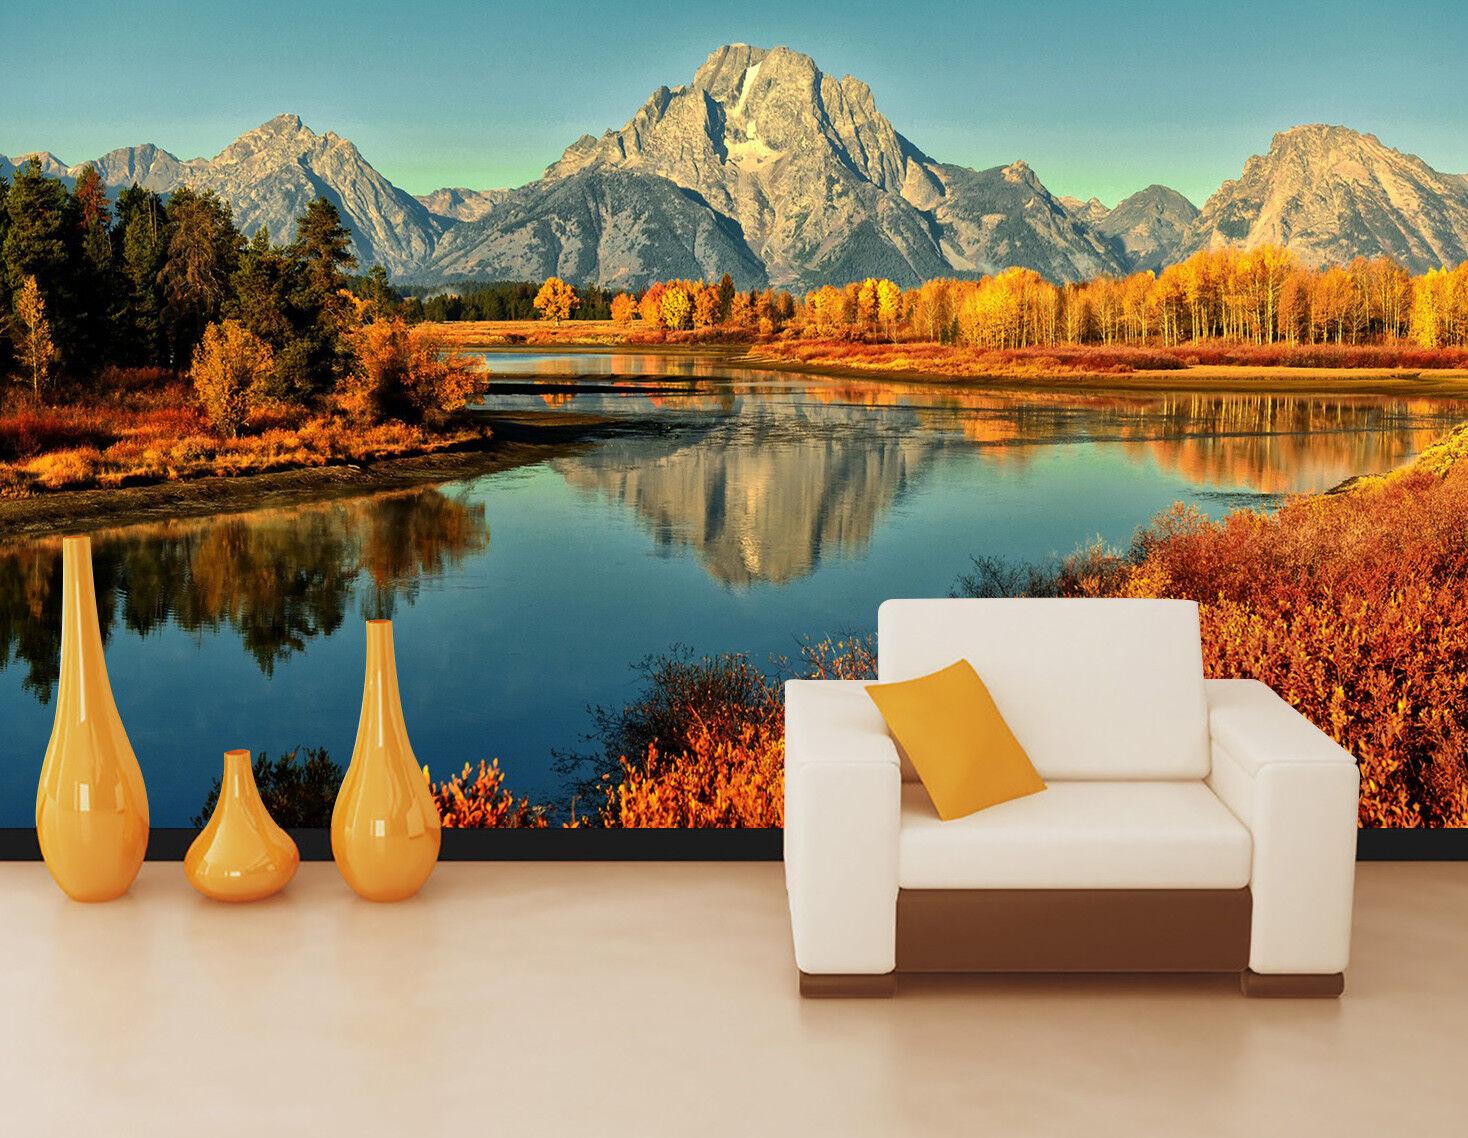 3D Natur Landschaft Landschaft Landschaft Himmel 9829 Tapete Wandgemälde Tapeten Bild Familie DE Lemon | Online einkaufen  | Langfristiger Ruf  |  34a610